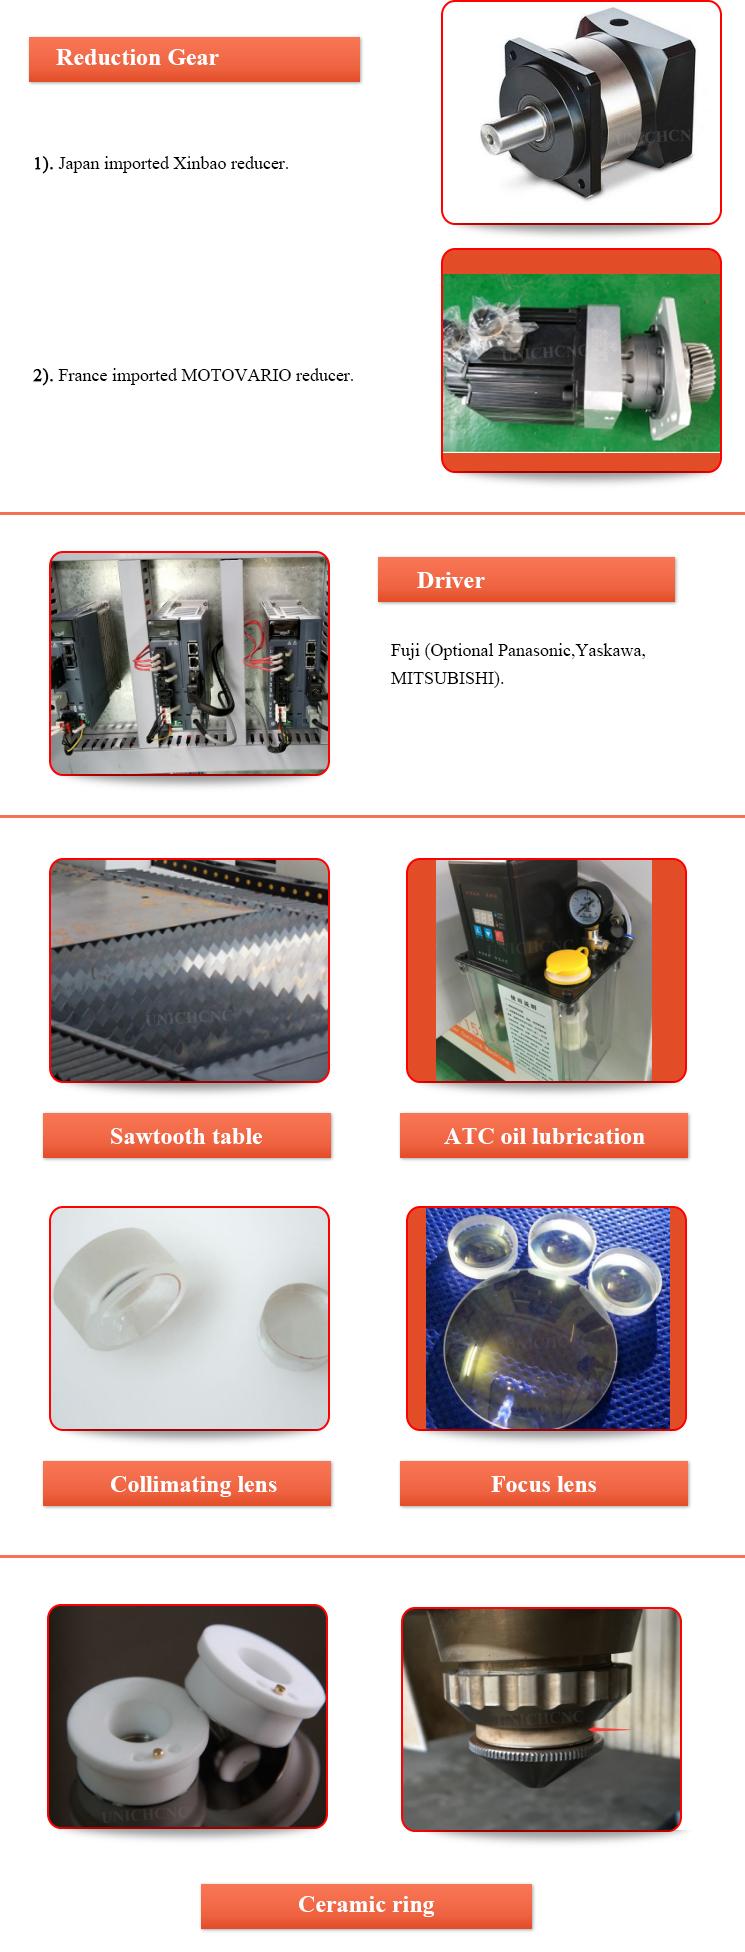 500w 750w 1kw 2kw 3kw Fiber Laser Cutting Machine With Japan